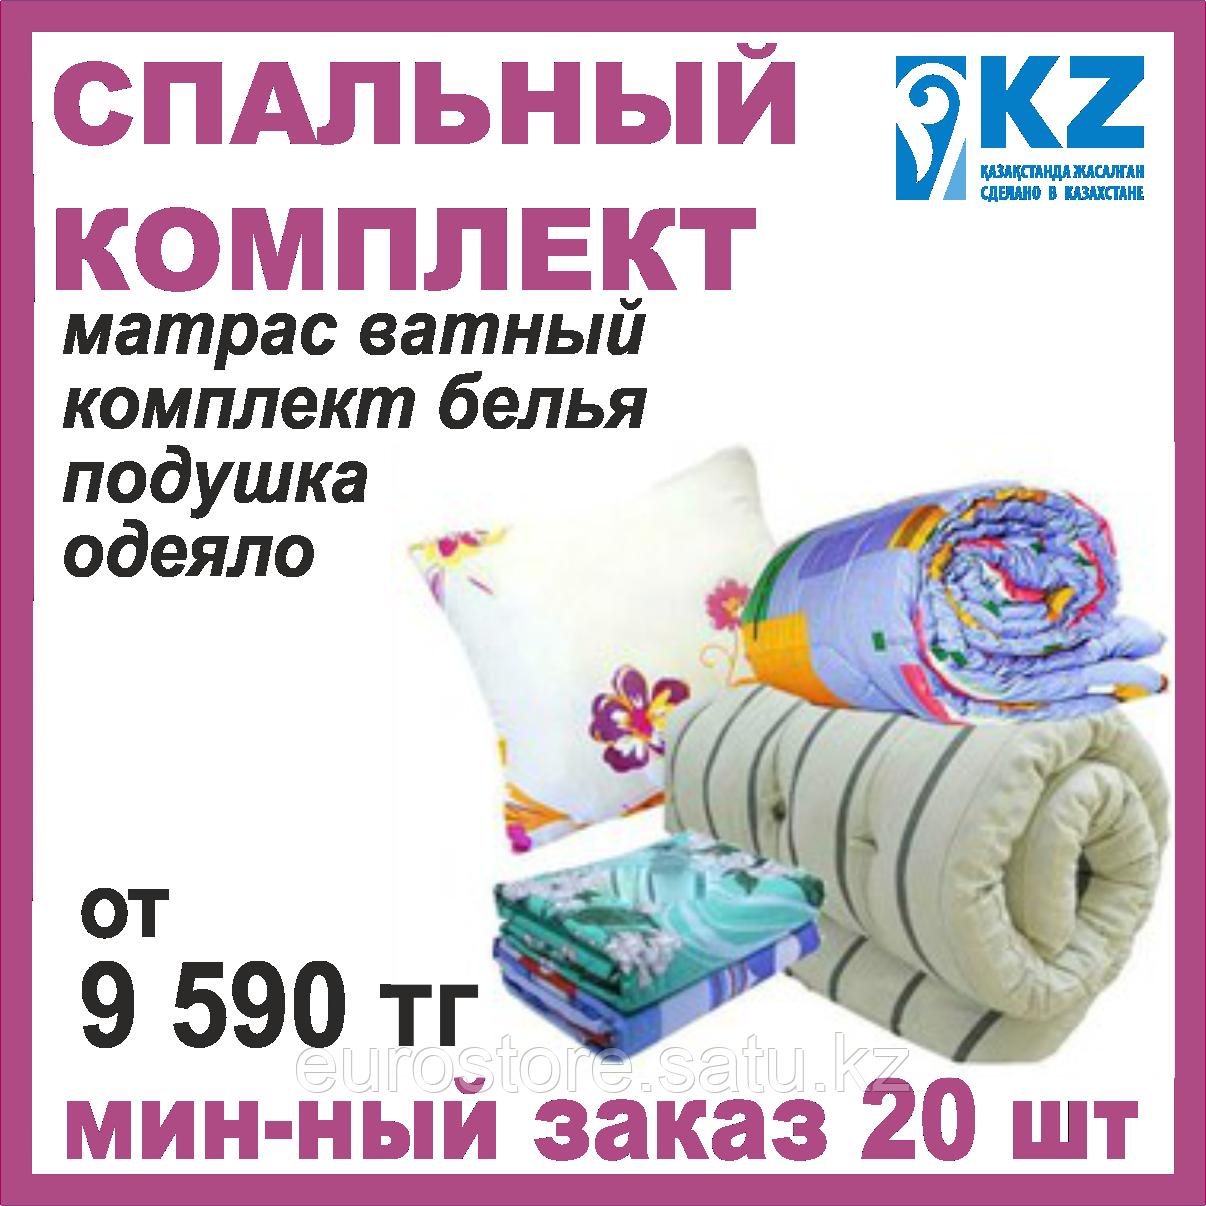 Комплект спальный рабочий, матрас, одеяло, подушка постельное белье для строителей и вахтовиков